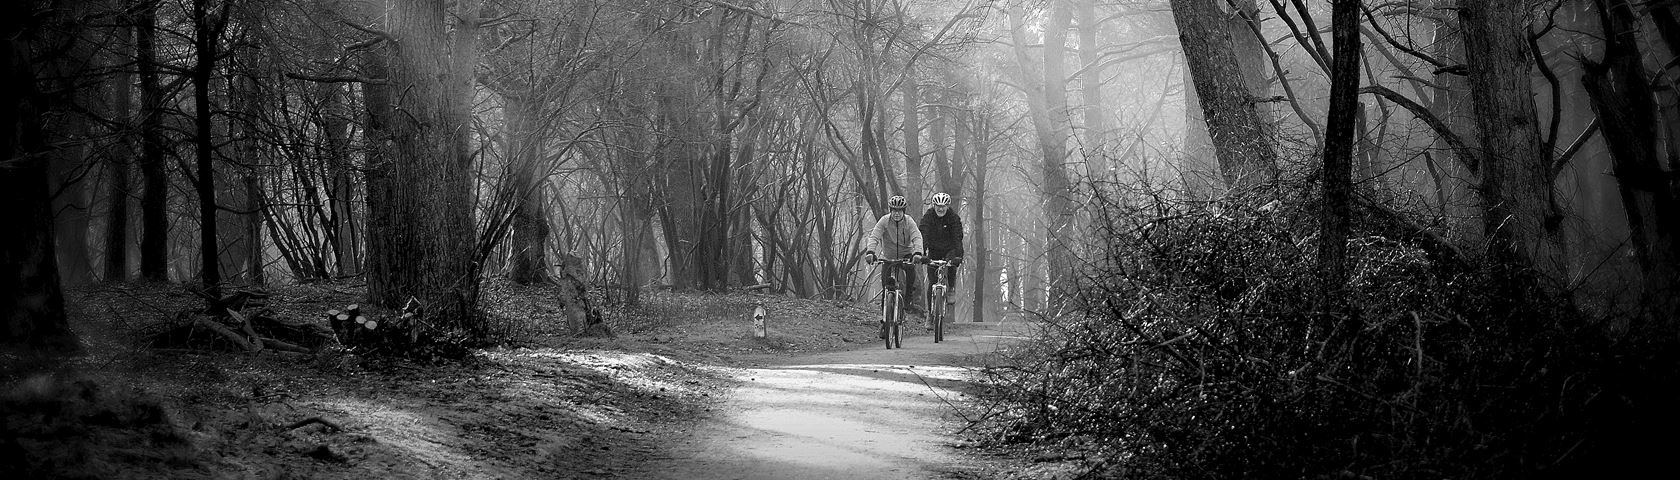 Forrest activity Hilversum